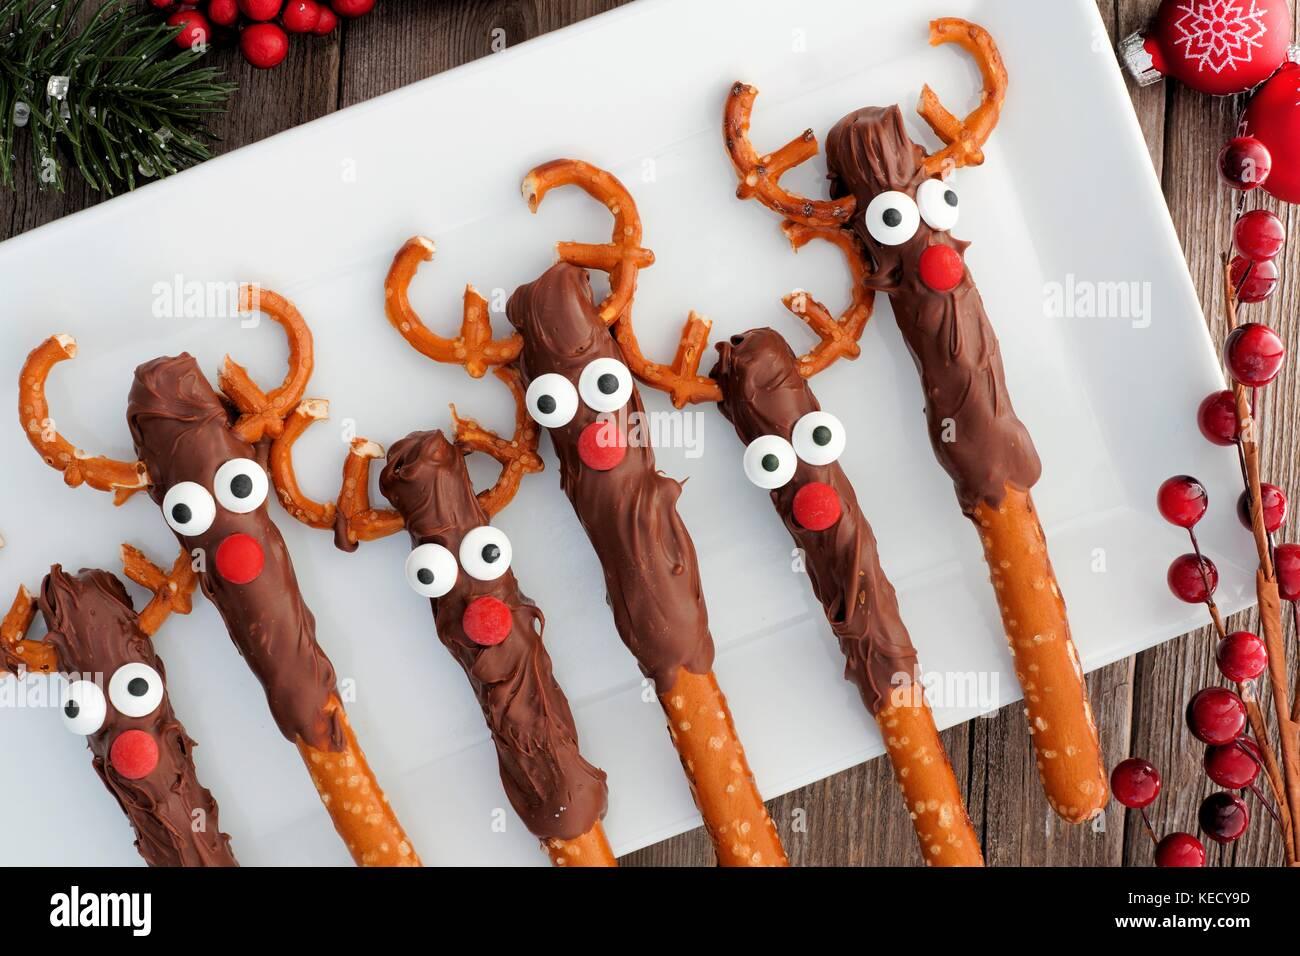 Le renne de noël mignon bretzel au chocolat, les tiges au-dessus sur une assiette de service blanc Banque D'Images